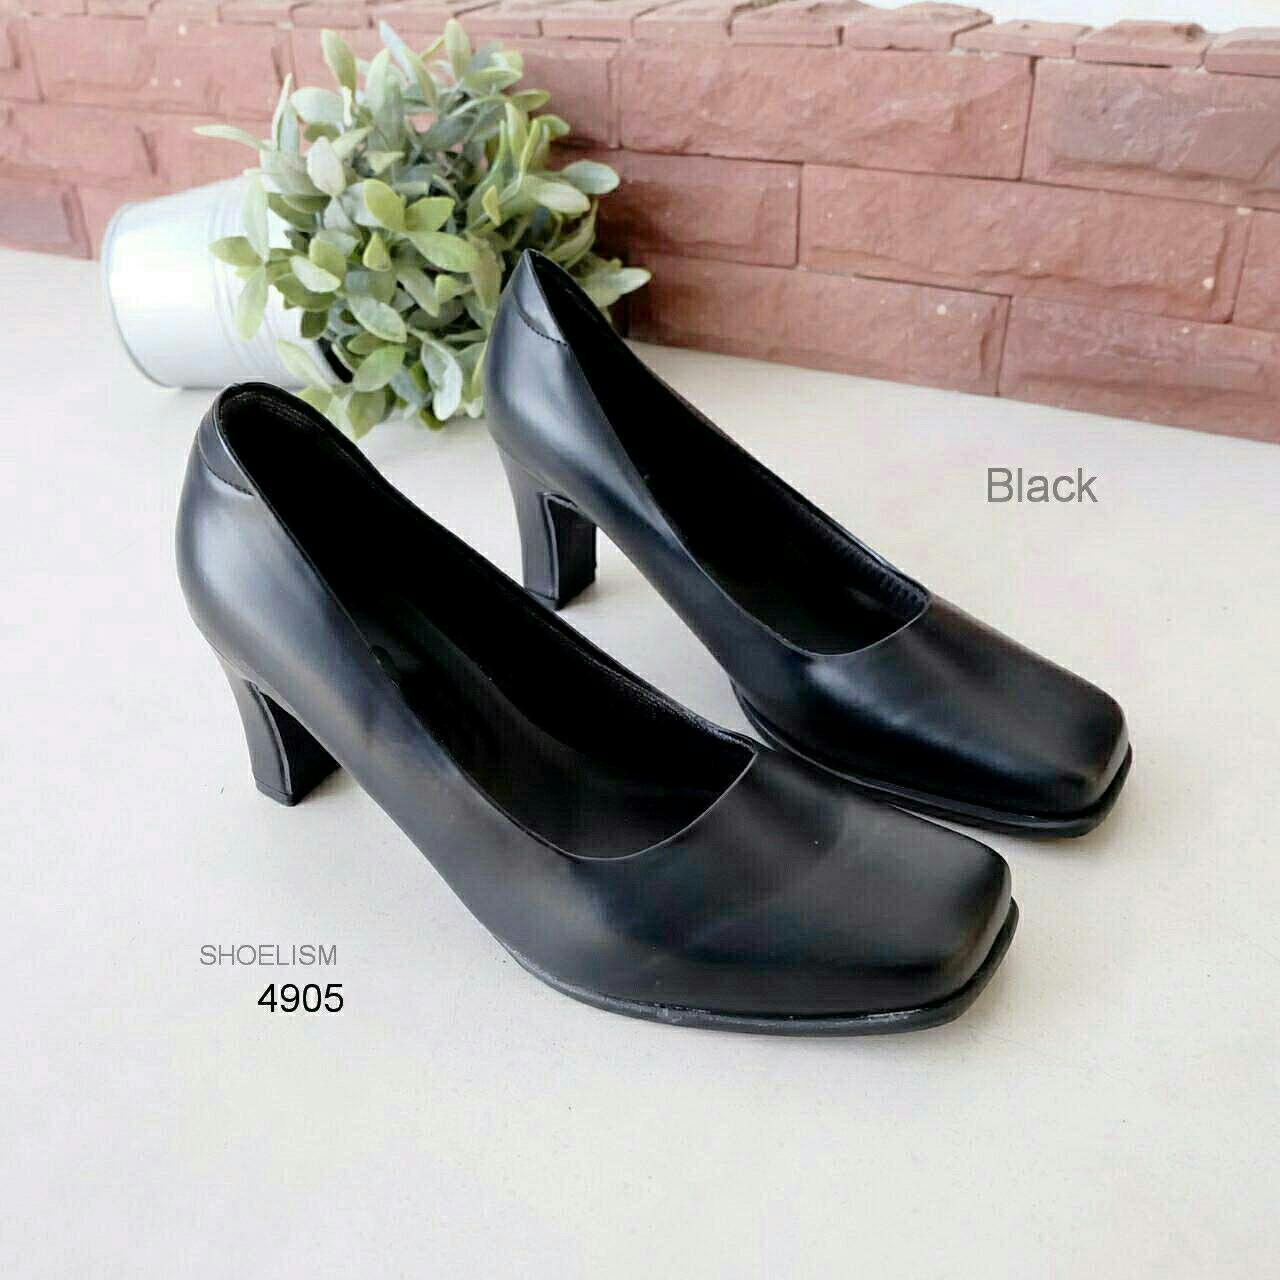 4905 รองเท้าคัชชูดำ หนัง pu พร้อมไซส์พิเศษ 35-43